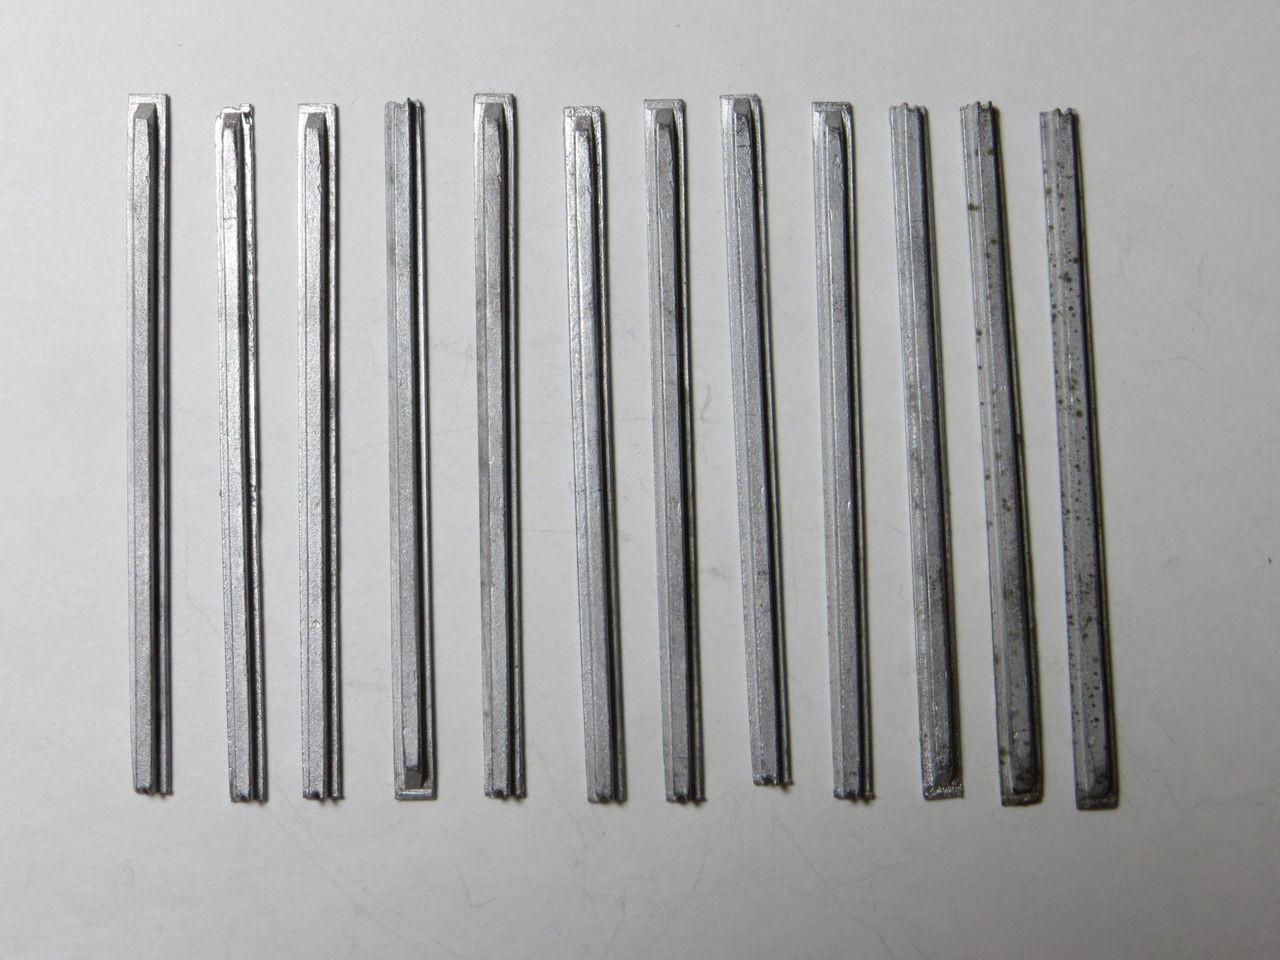 48-014  PULLMAN STD FREIGHT CAR SIDE RIBS 9'3'L x 10'W O SCALE (FORMERLY KEIL-LINE)